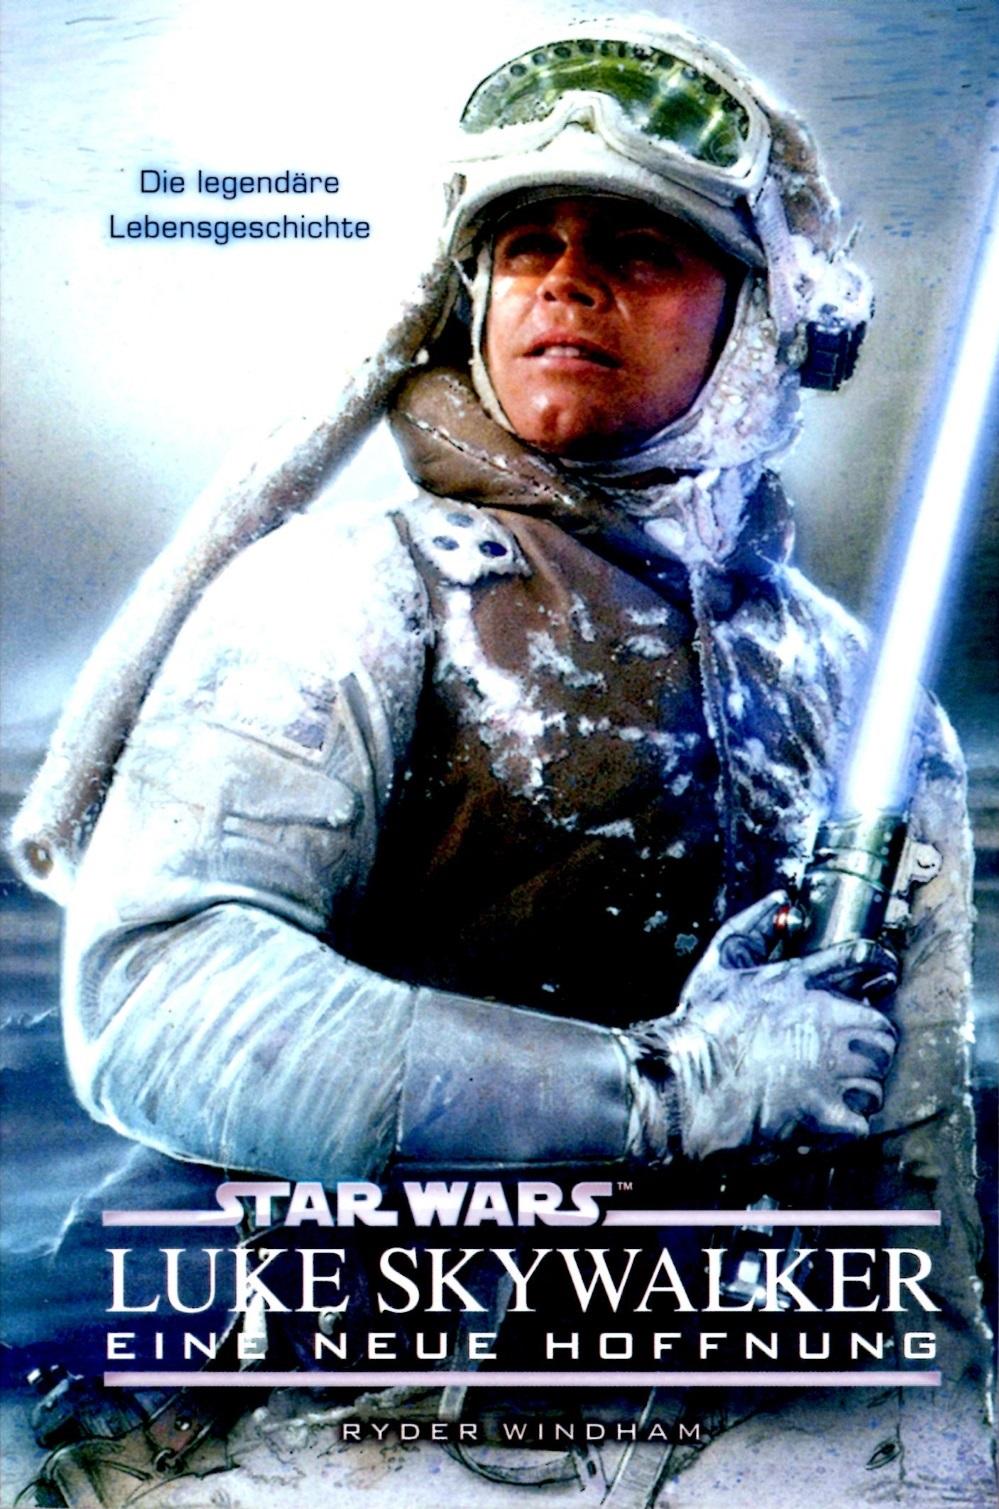 Luke Skywalker – Eine neue Hoffnung (17.03.2010)